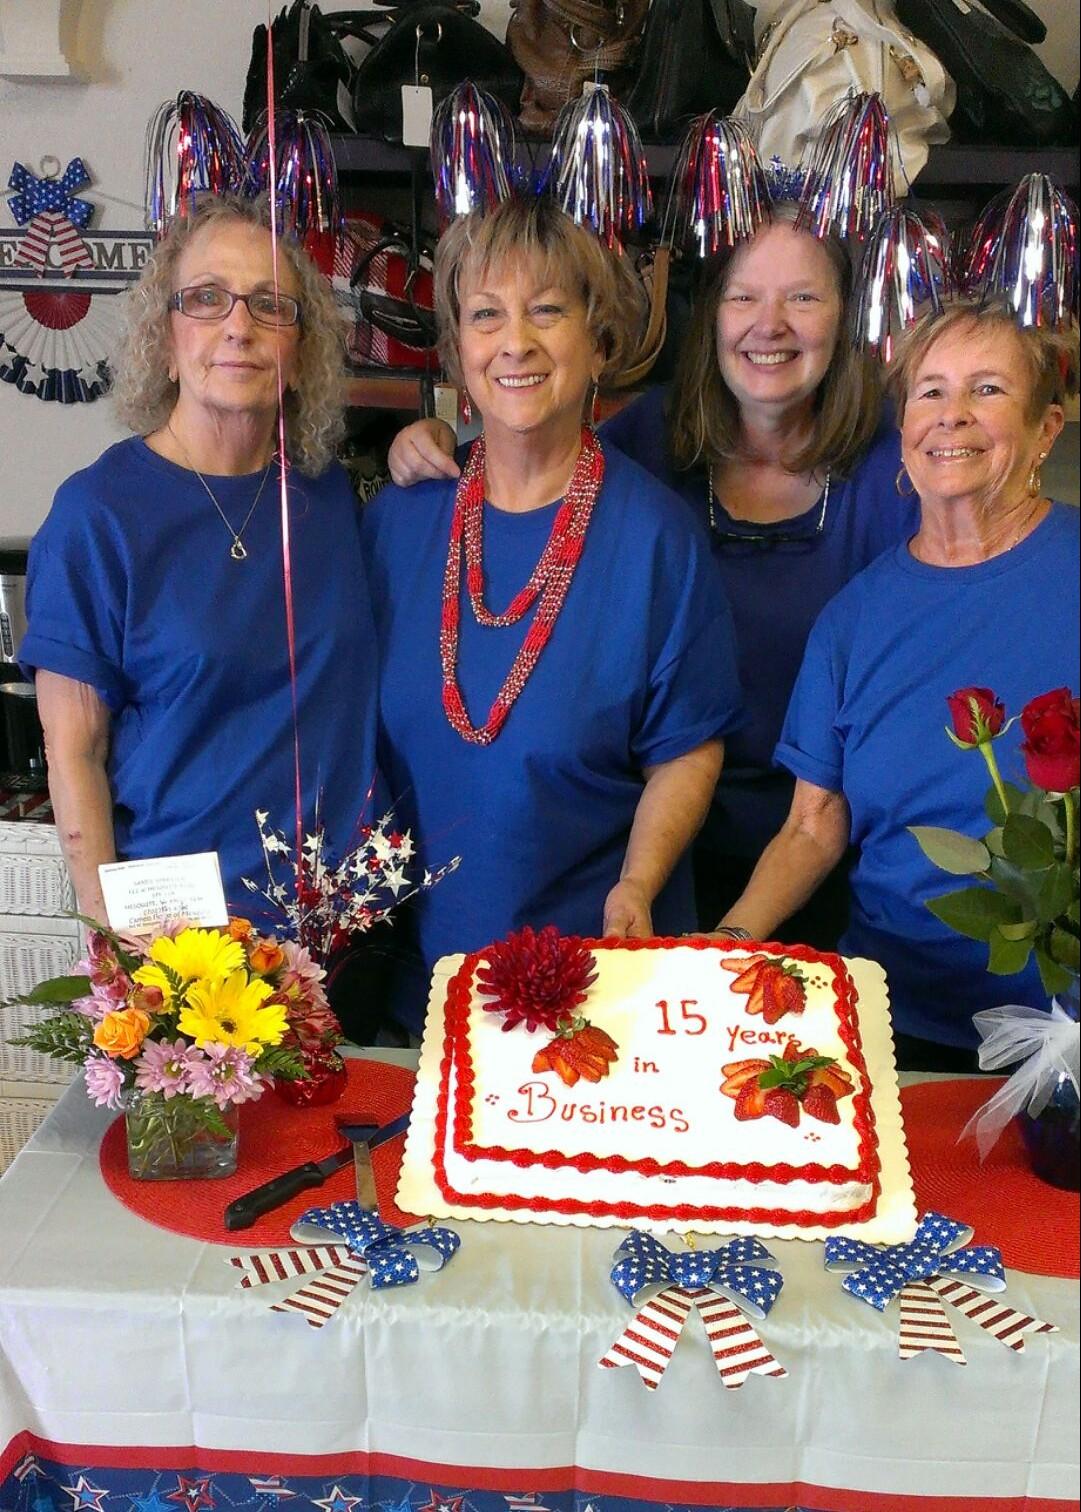 Klasik Kloset Consignment Boutique celebrates 15 years in Mesquite